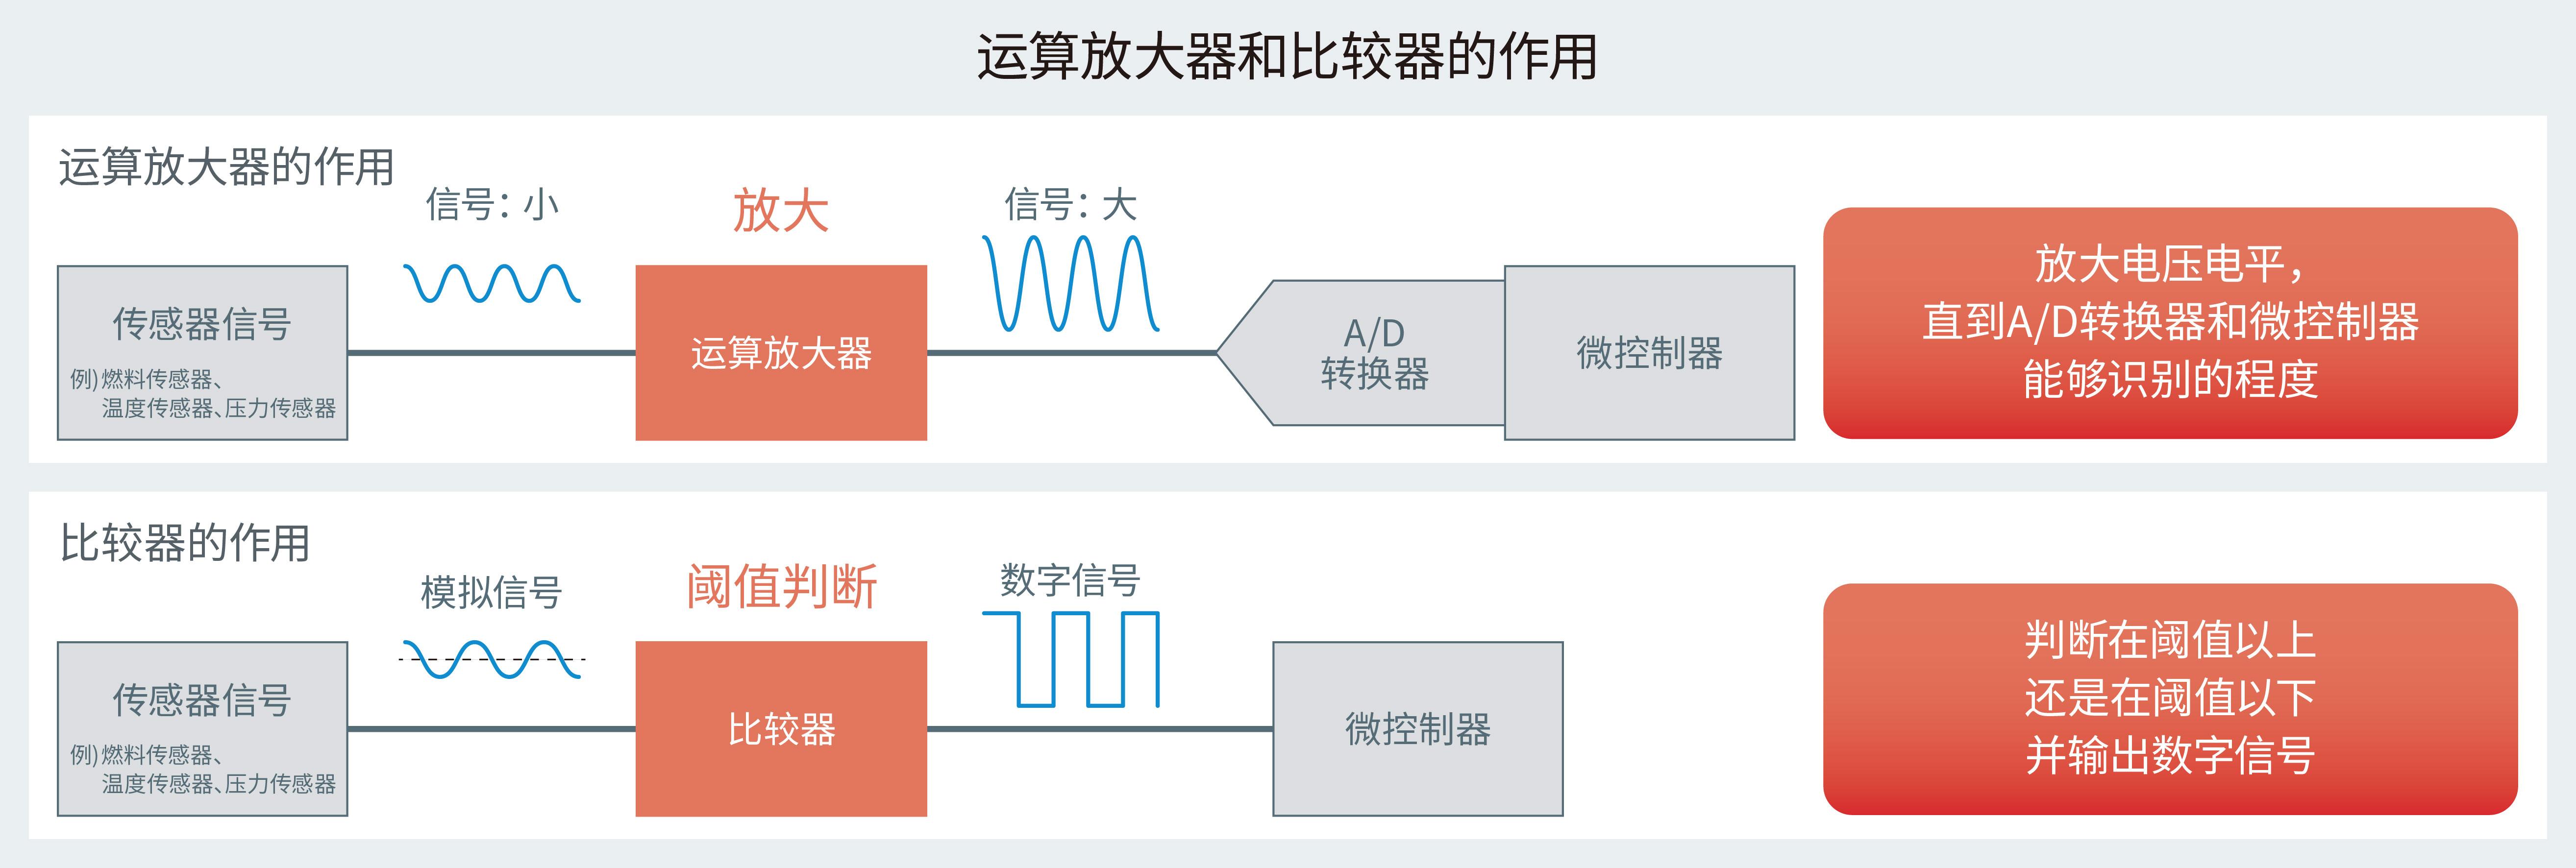 運算放大器和比较器的作用